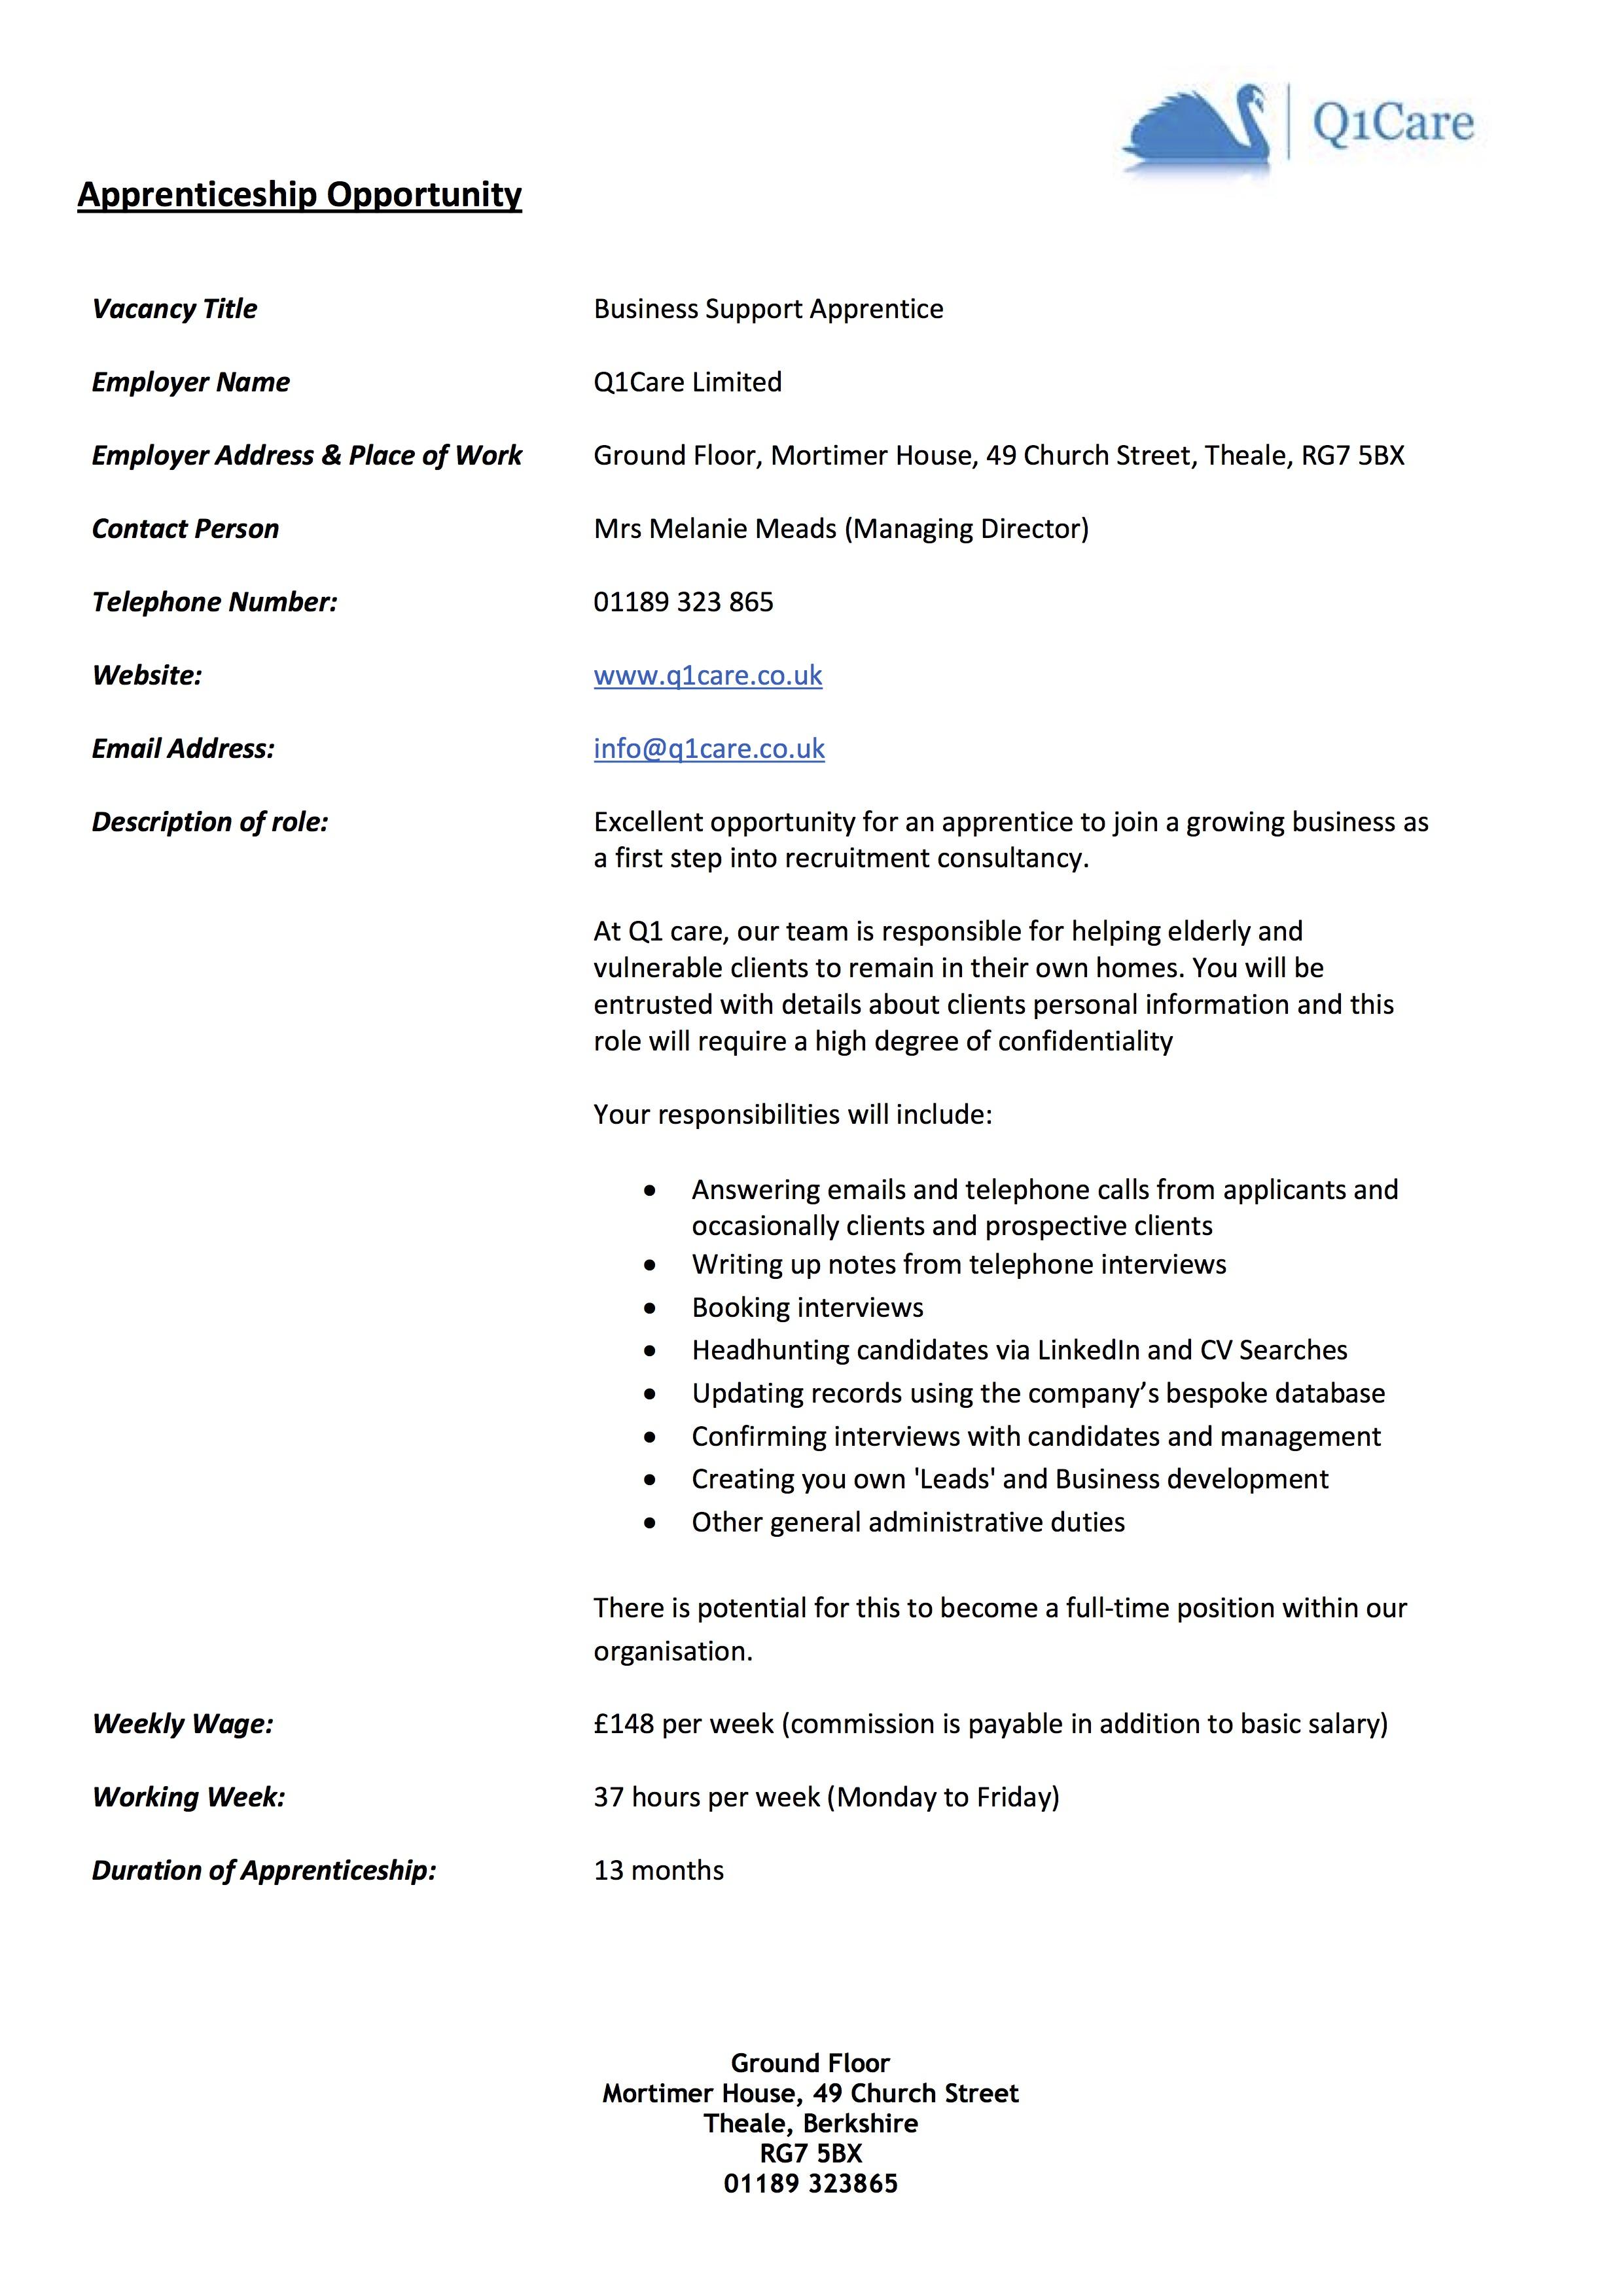 Q1Care Apprentice Opportunity 0616